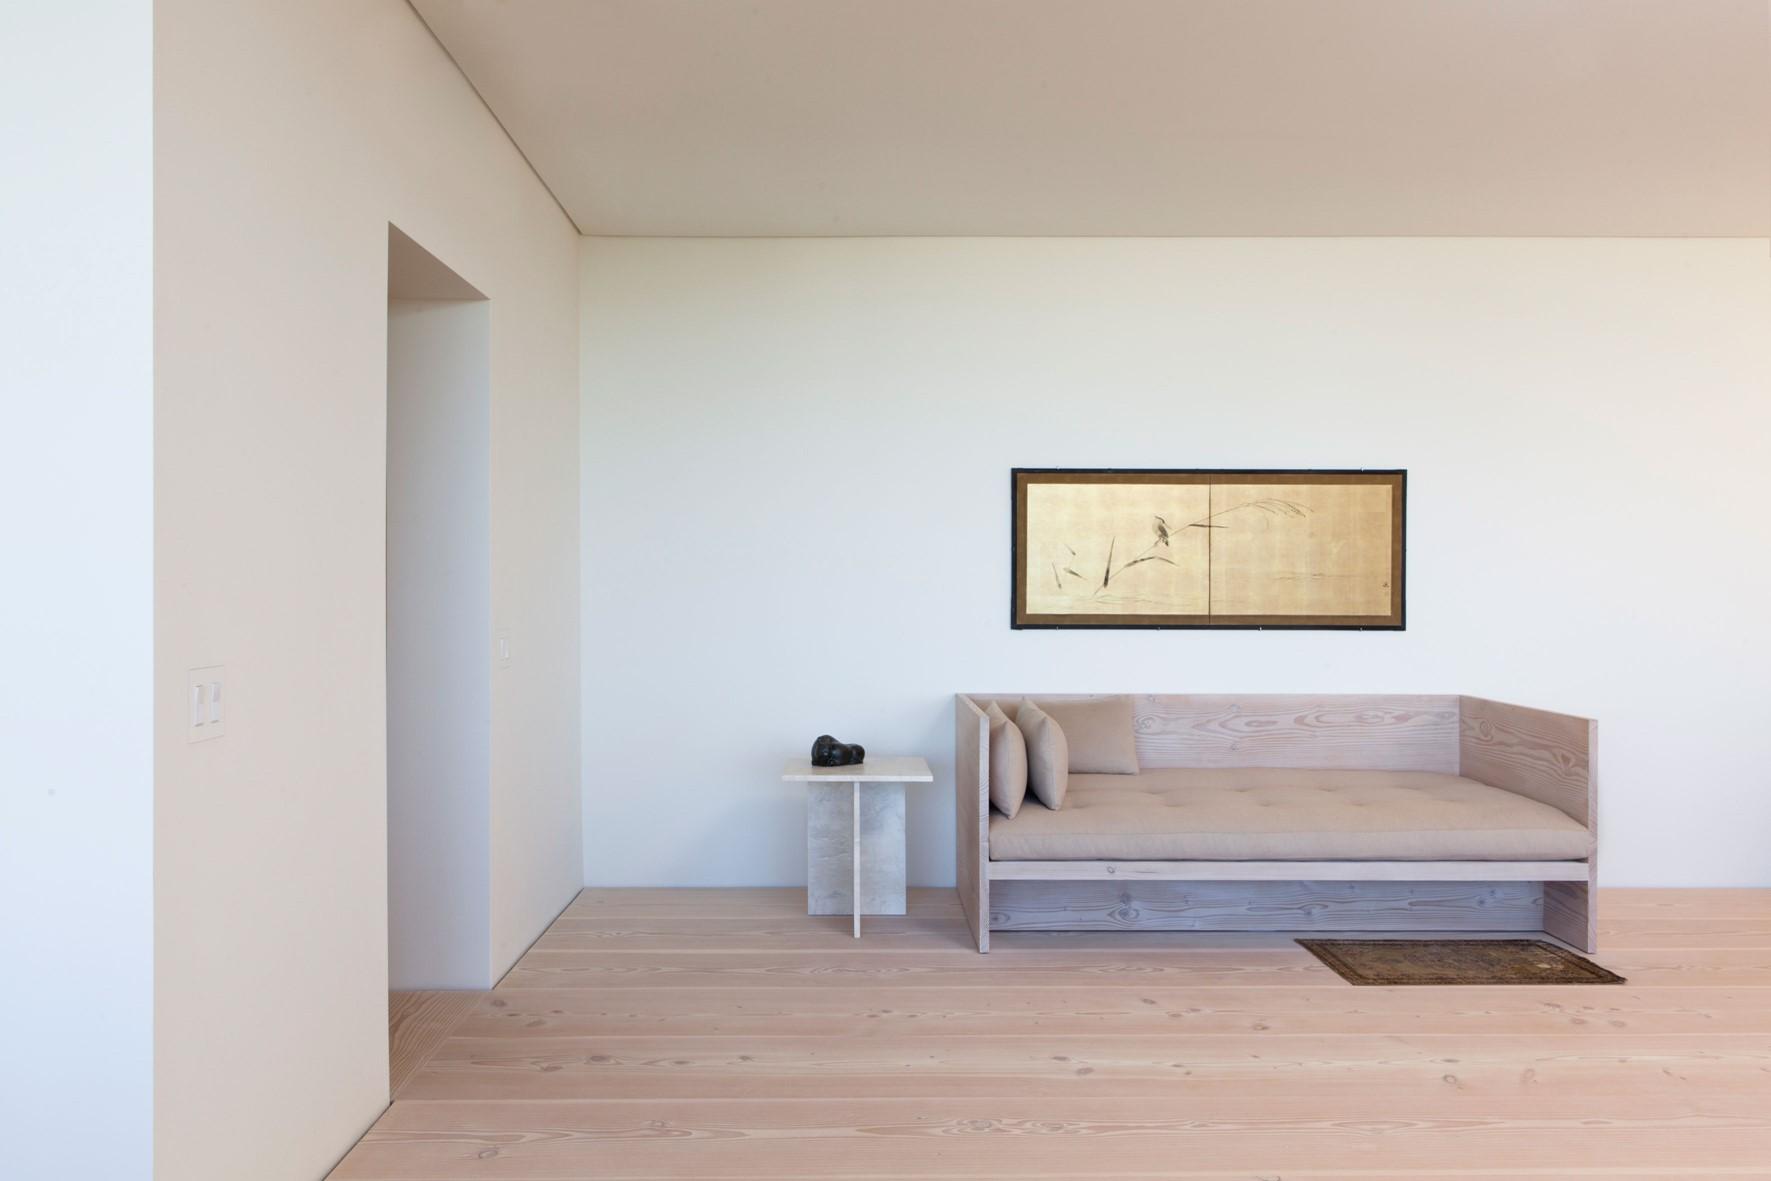 douglas-flooring_lye-and-white-soap_central-park-office_wooden-sofa_dinesen.jpg